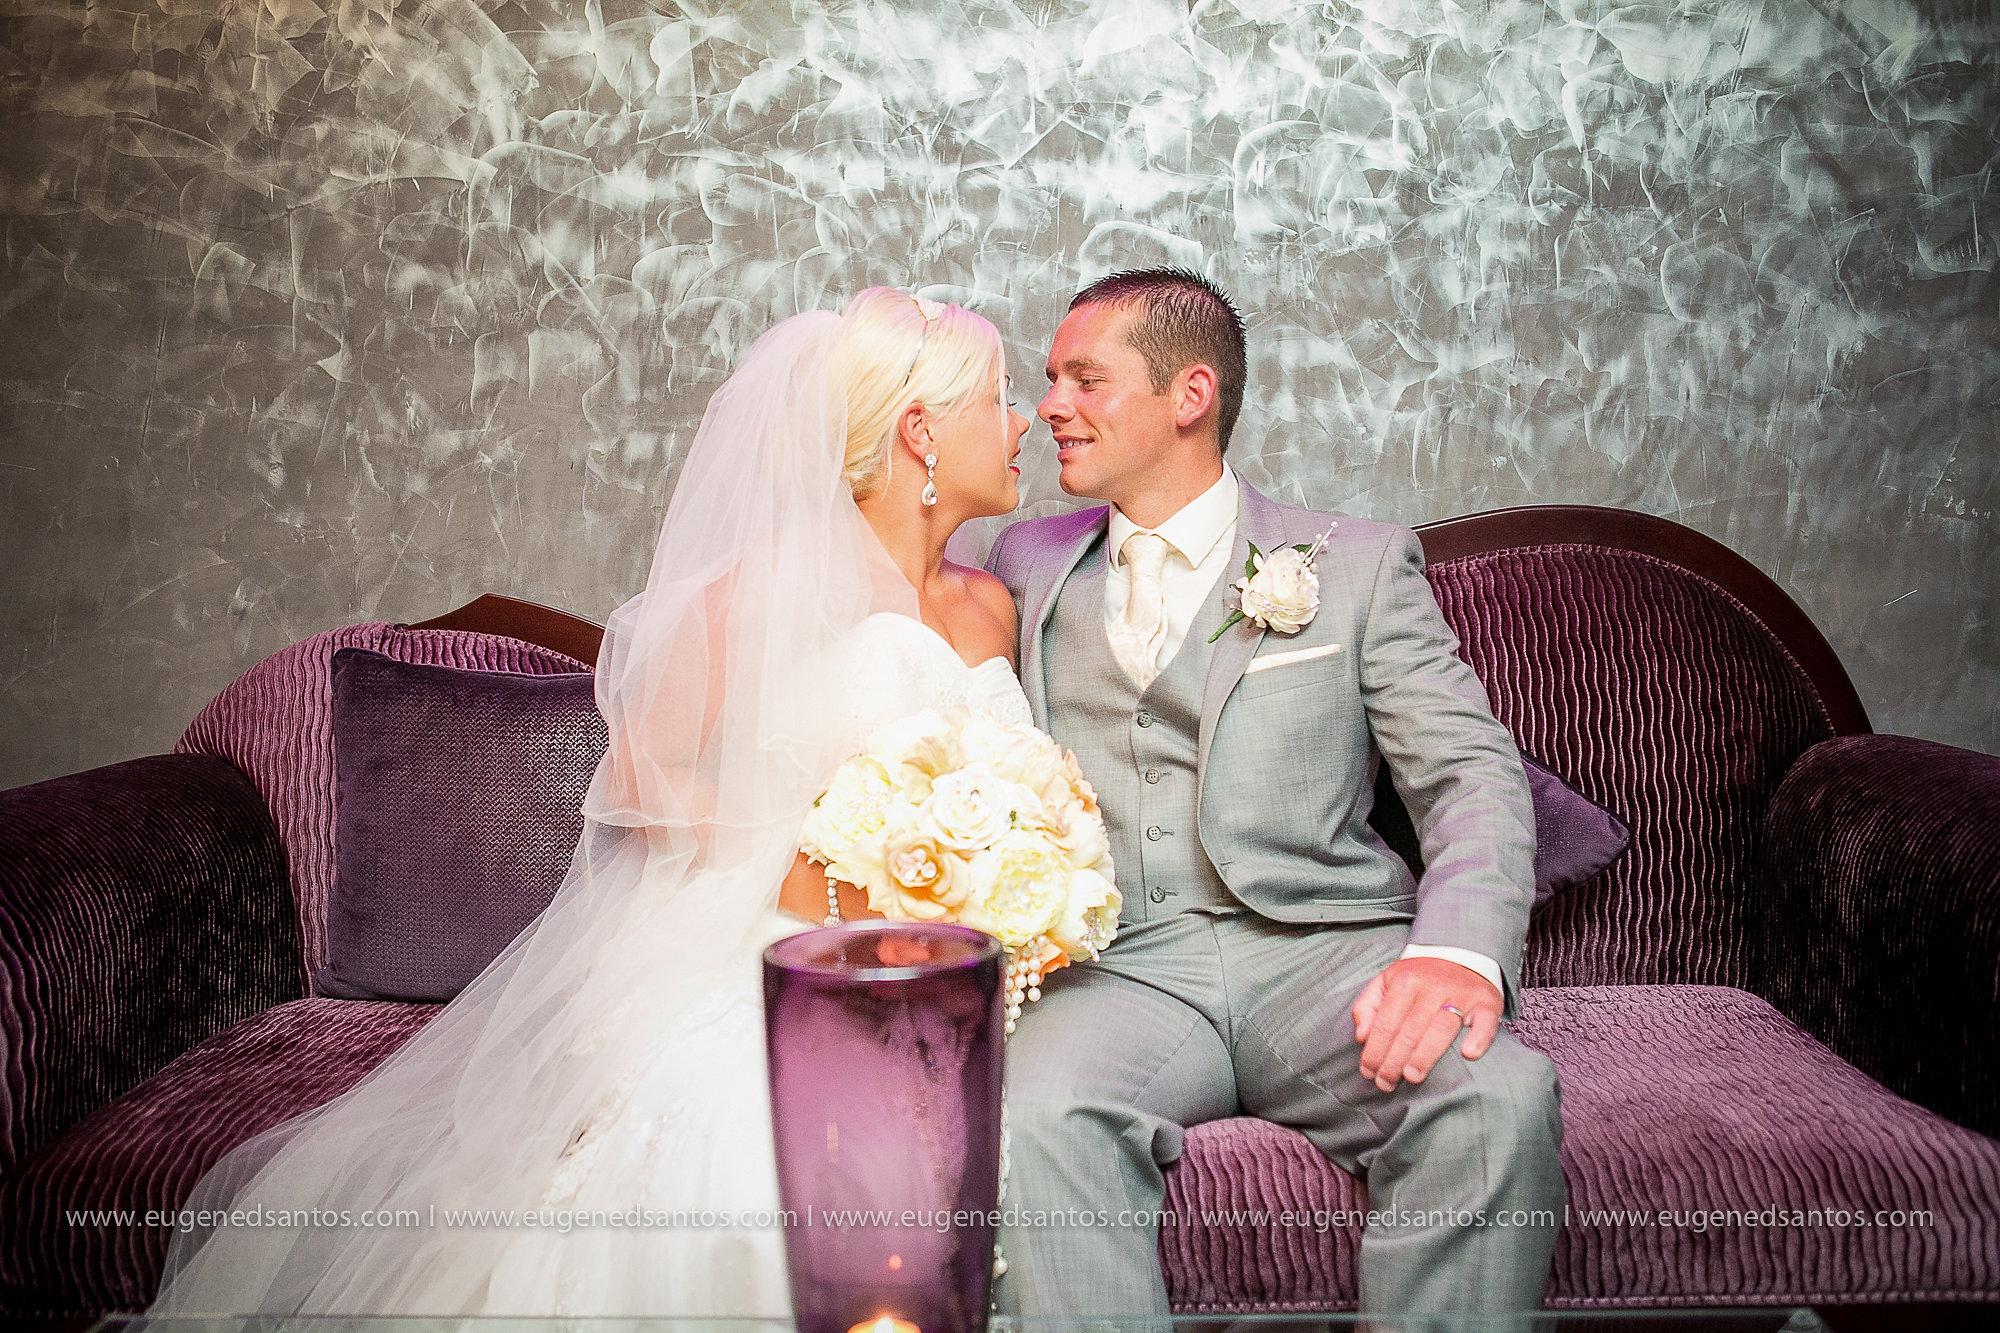 Eugene Santos Dubai Events And Wedding Photographer